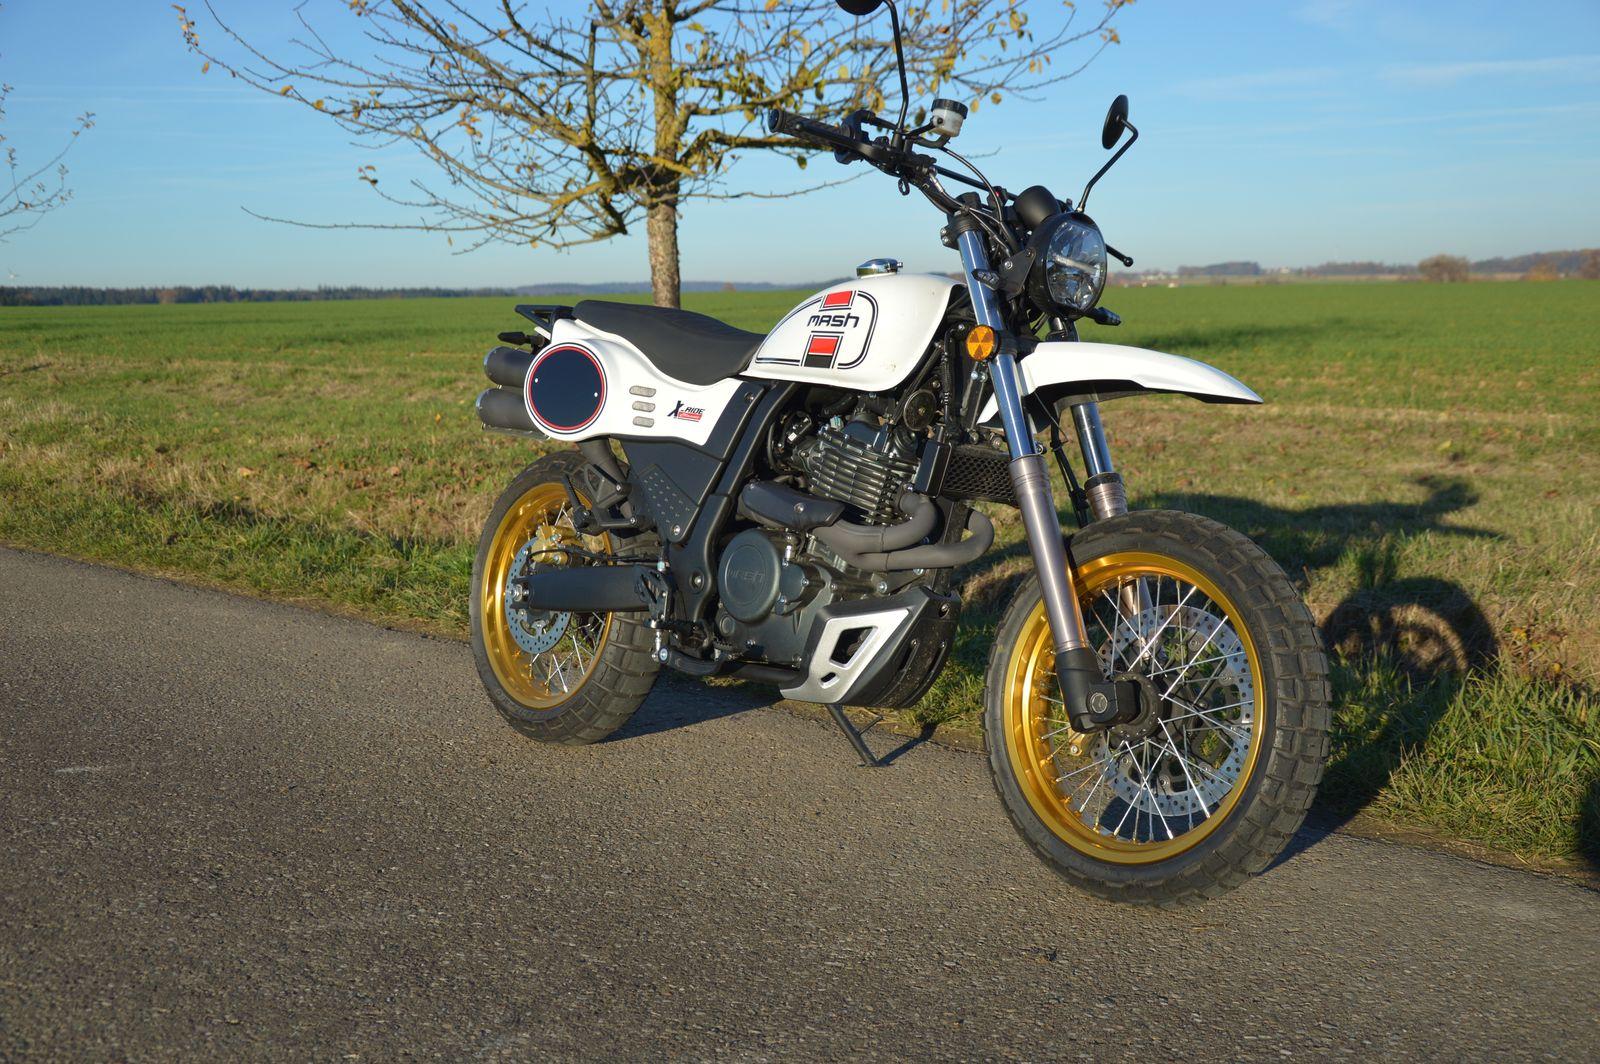 Motorräder aus China: Mash X-Ride 650